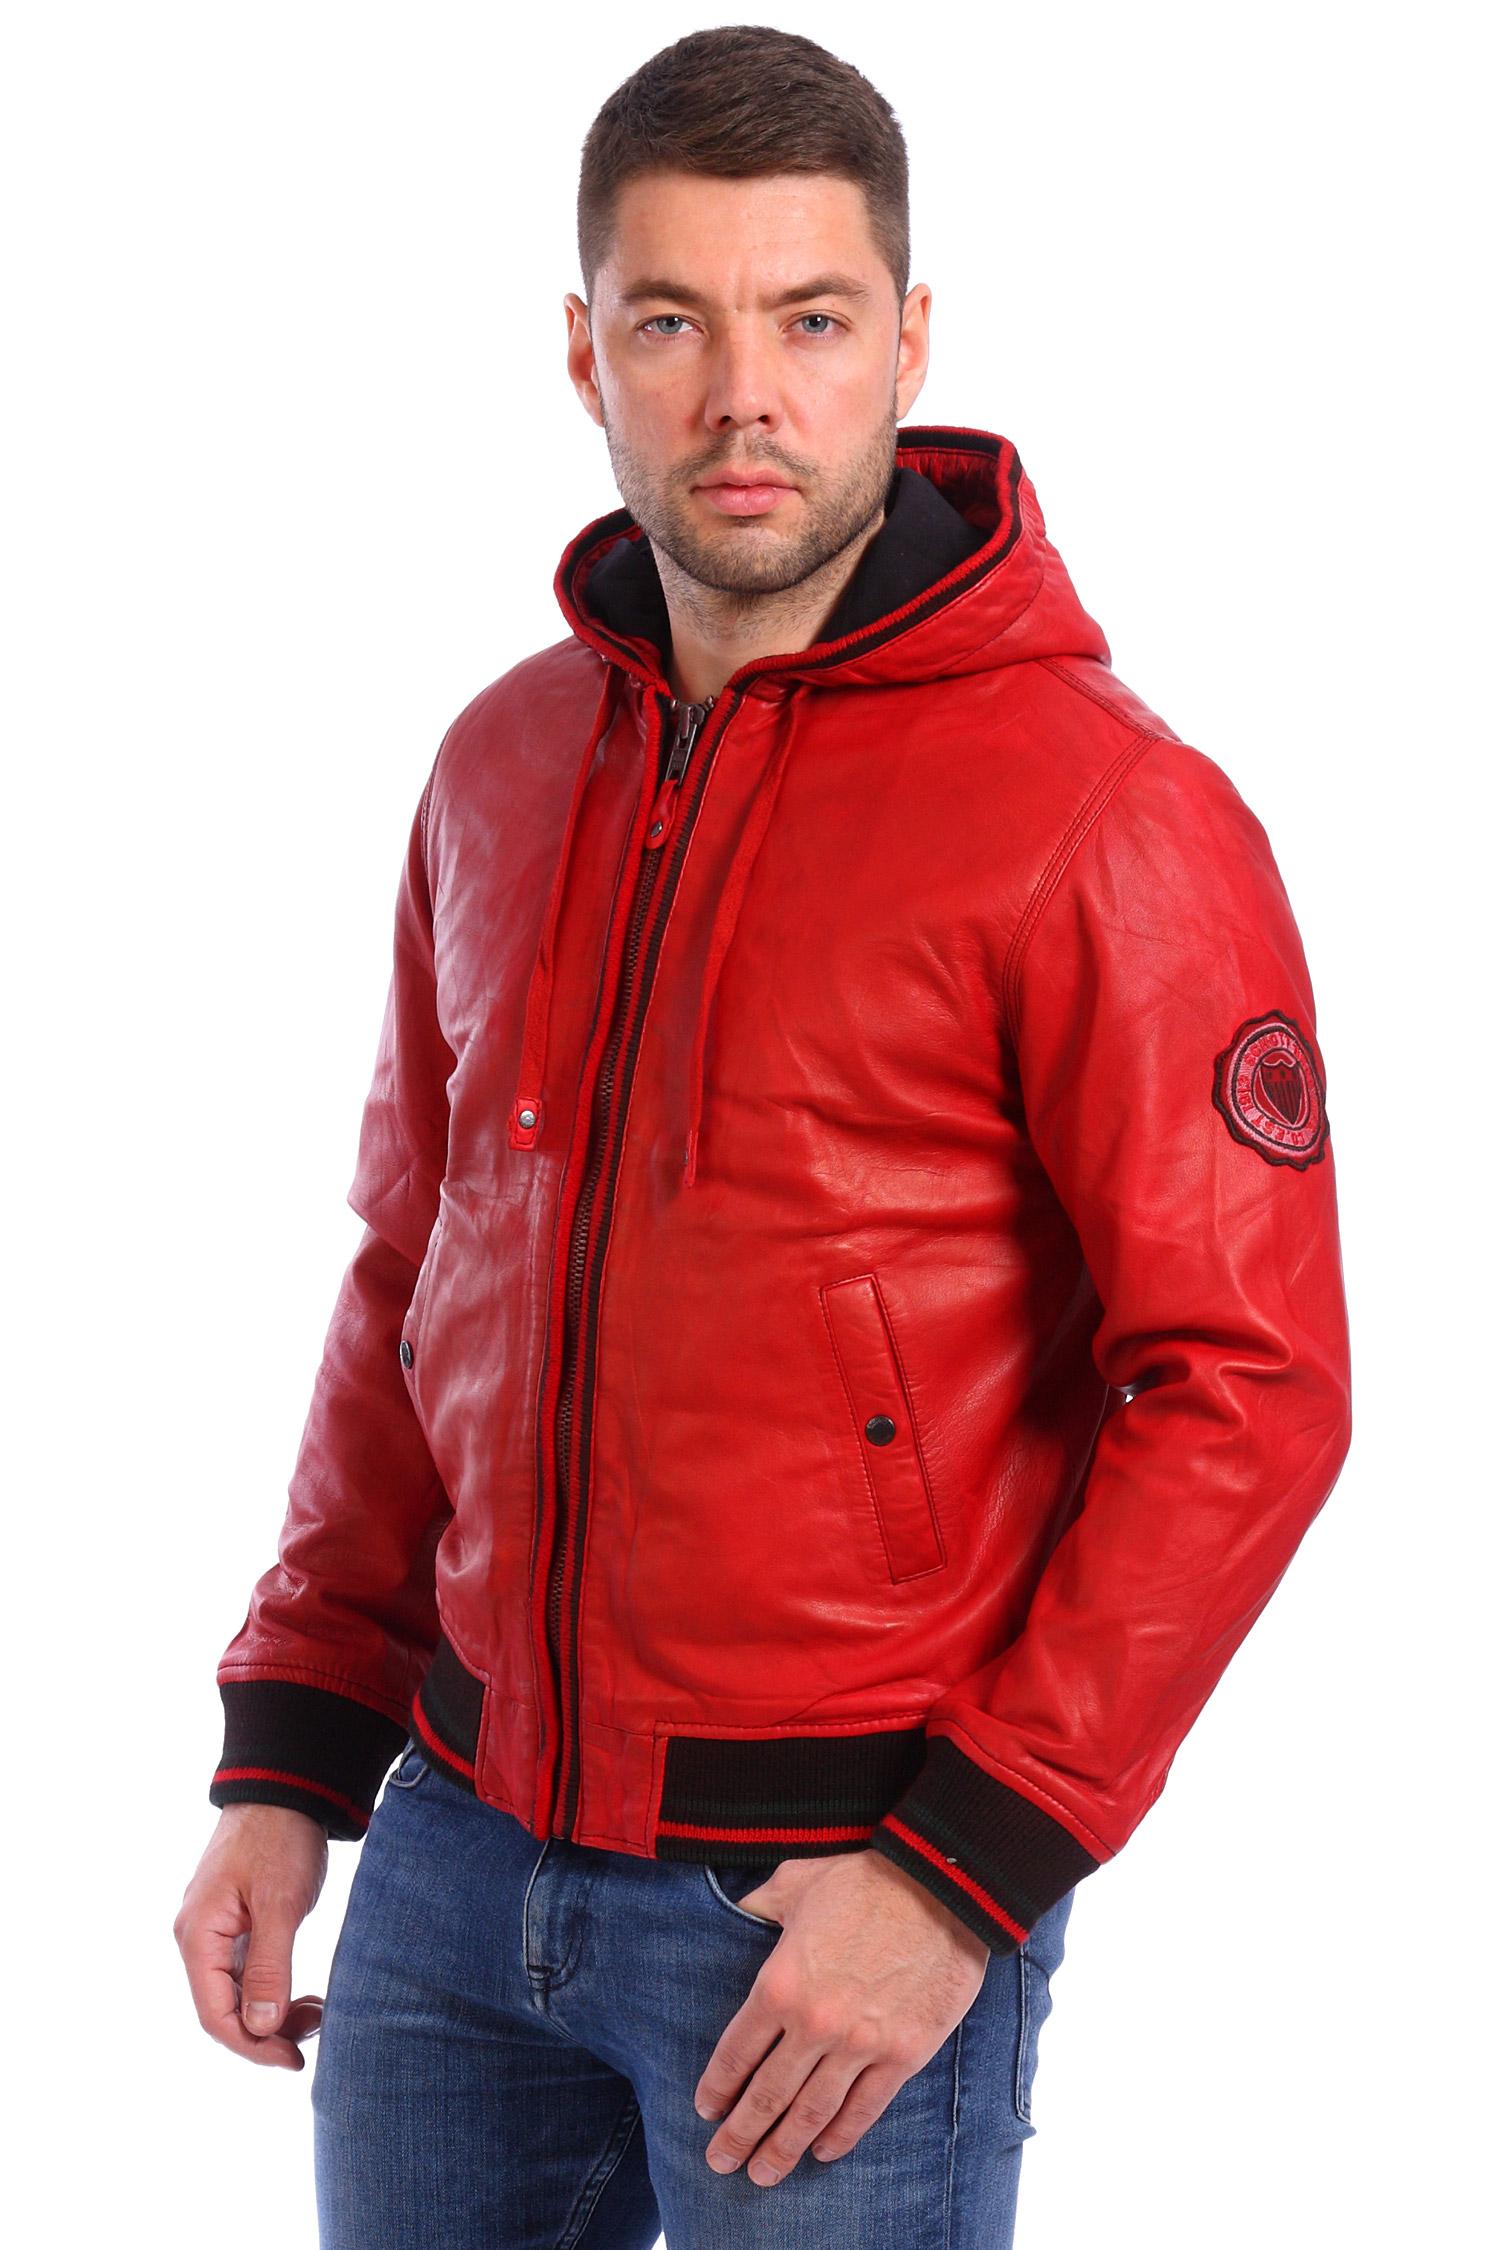 Мужская кожаная куртка из натуральной кожи утепленная с капюшоном, отделка текстильЦвет - алый.<br><br>Модель изготовлена из высококачественной кожи.<br><br>Стильная и очень практичная куртка насыщенного алого цвета. Прямой силуэт заужен к низу, для большего комфорта изделие фиксируется текстильной резинкой контрастного цвета. Модель с застежкой на молнию, которая декорирована текстильной отделкой в одной цветовой гамме с резинкой. Куртка дополнена втачными карманы на кнопках. Воротник-капюшон на кулиске, Вы можете регулировать его в зависимости от капризов погоды и настроения.<br><br>Еще одна небольшая деталь, которая завершает безупречный дизайн куртки, - это нашивка на рукаве.<br><br>Благодаря комфортной длине и лаконичному крою, куртка станет незаменимым атрибутом весенне-осеннего гардероба.<br><br>Воротник: капюшон<br>Длина см: Короткая (51-74 )<br>Материал: Кожа овчина<br>Цвет: красный<br>Вид застежки: центральная<br>Застежка: на молнии<br>Пол: Мужской<br>Размер RU: 52